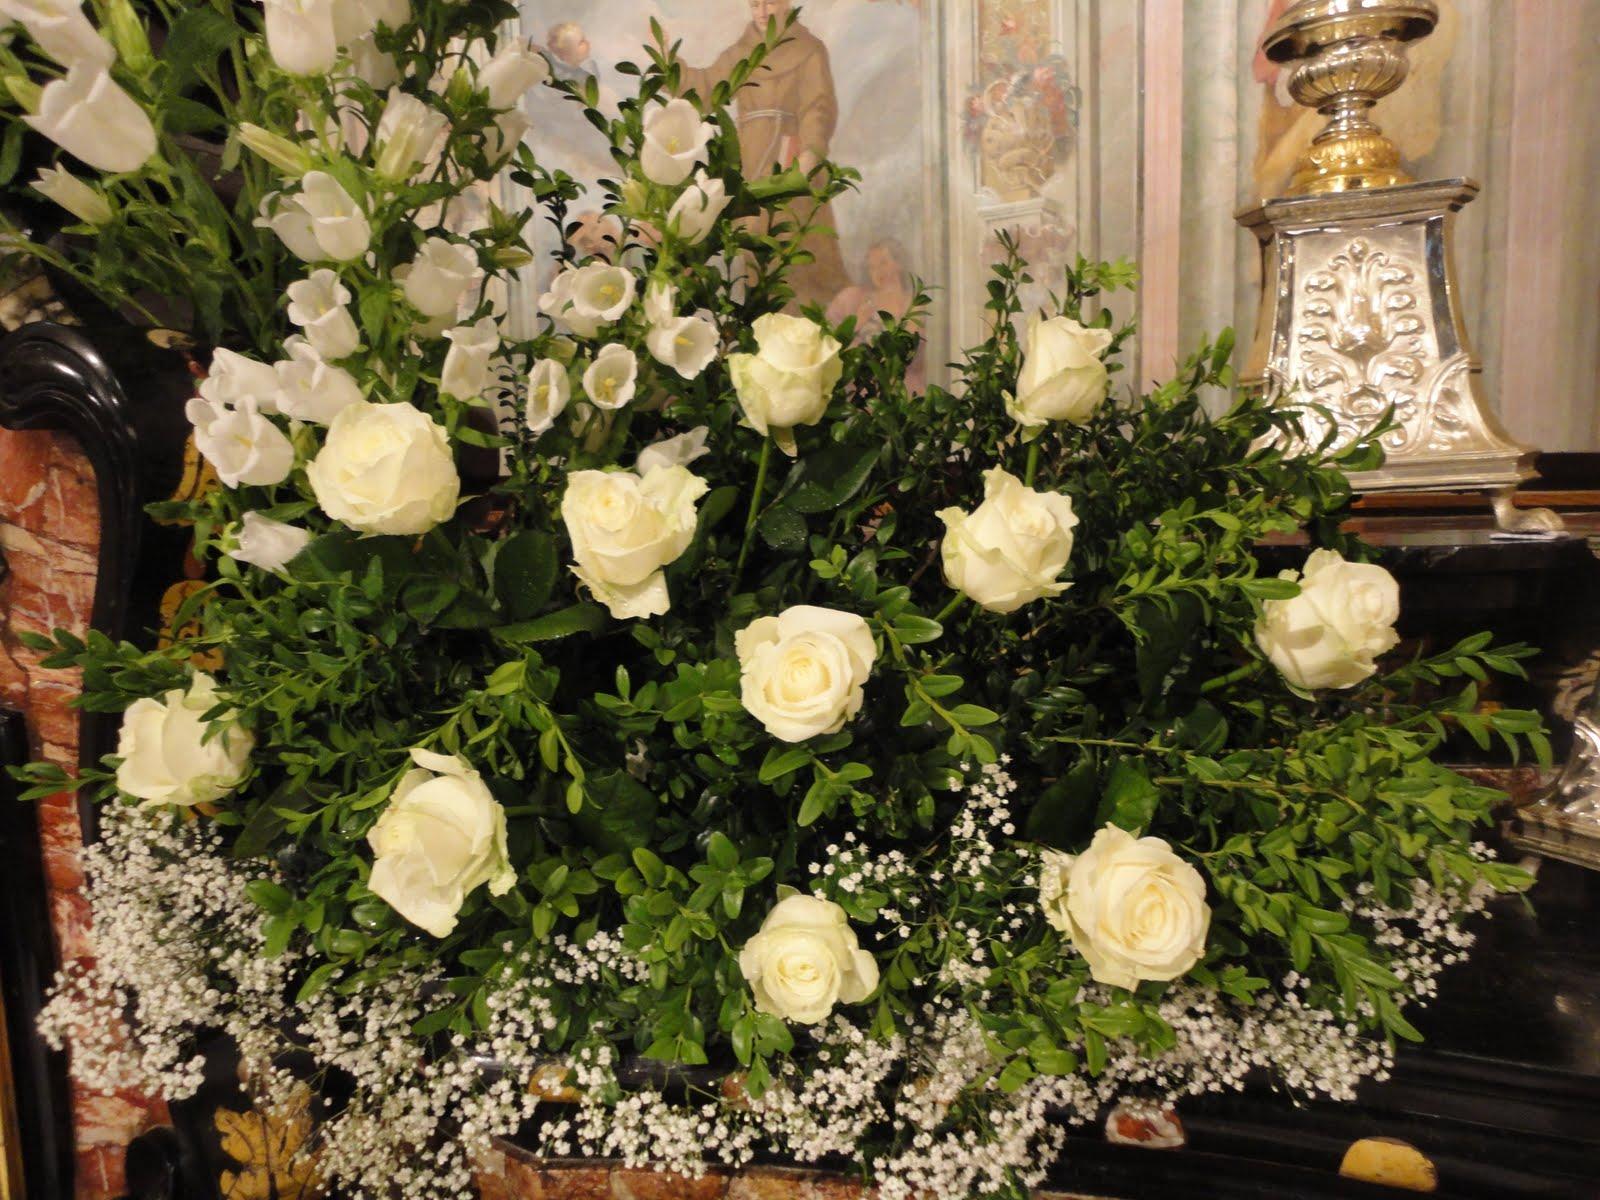 Arte floreale per la liturgia foto dell 39 addobbo realizzato in occasione della prima comunione - Addobbo tavola prima comunione ...